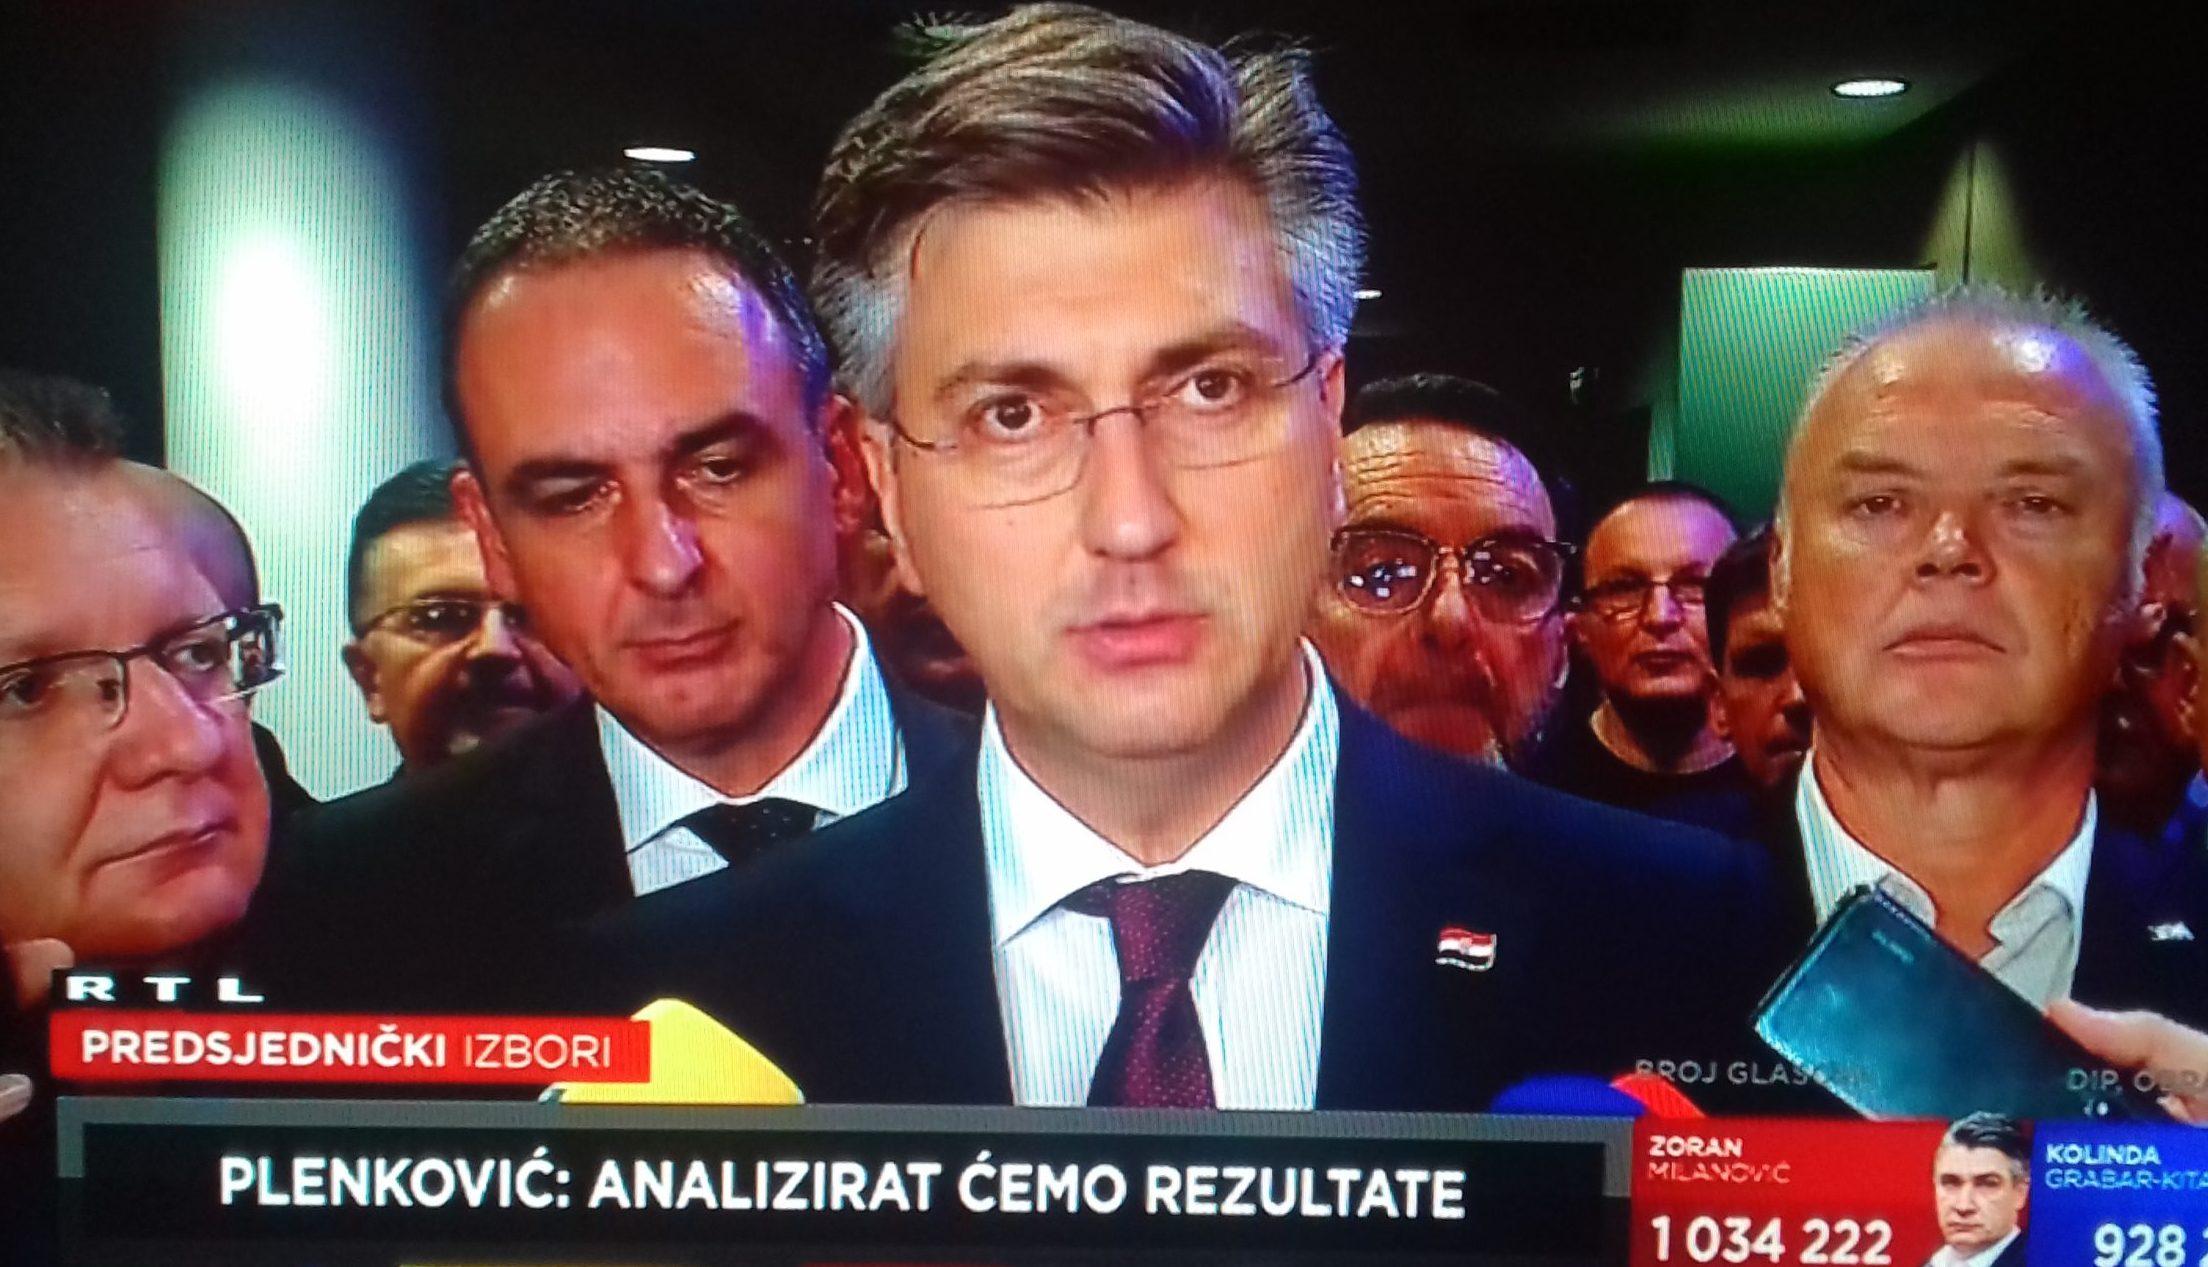 """Plenković: """"S Milanovićem imam dugu povijest odnosa. Očekujem tvrdu kohabitaciju u skladu s Ustavom RH i zakonom"""""""